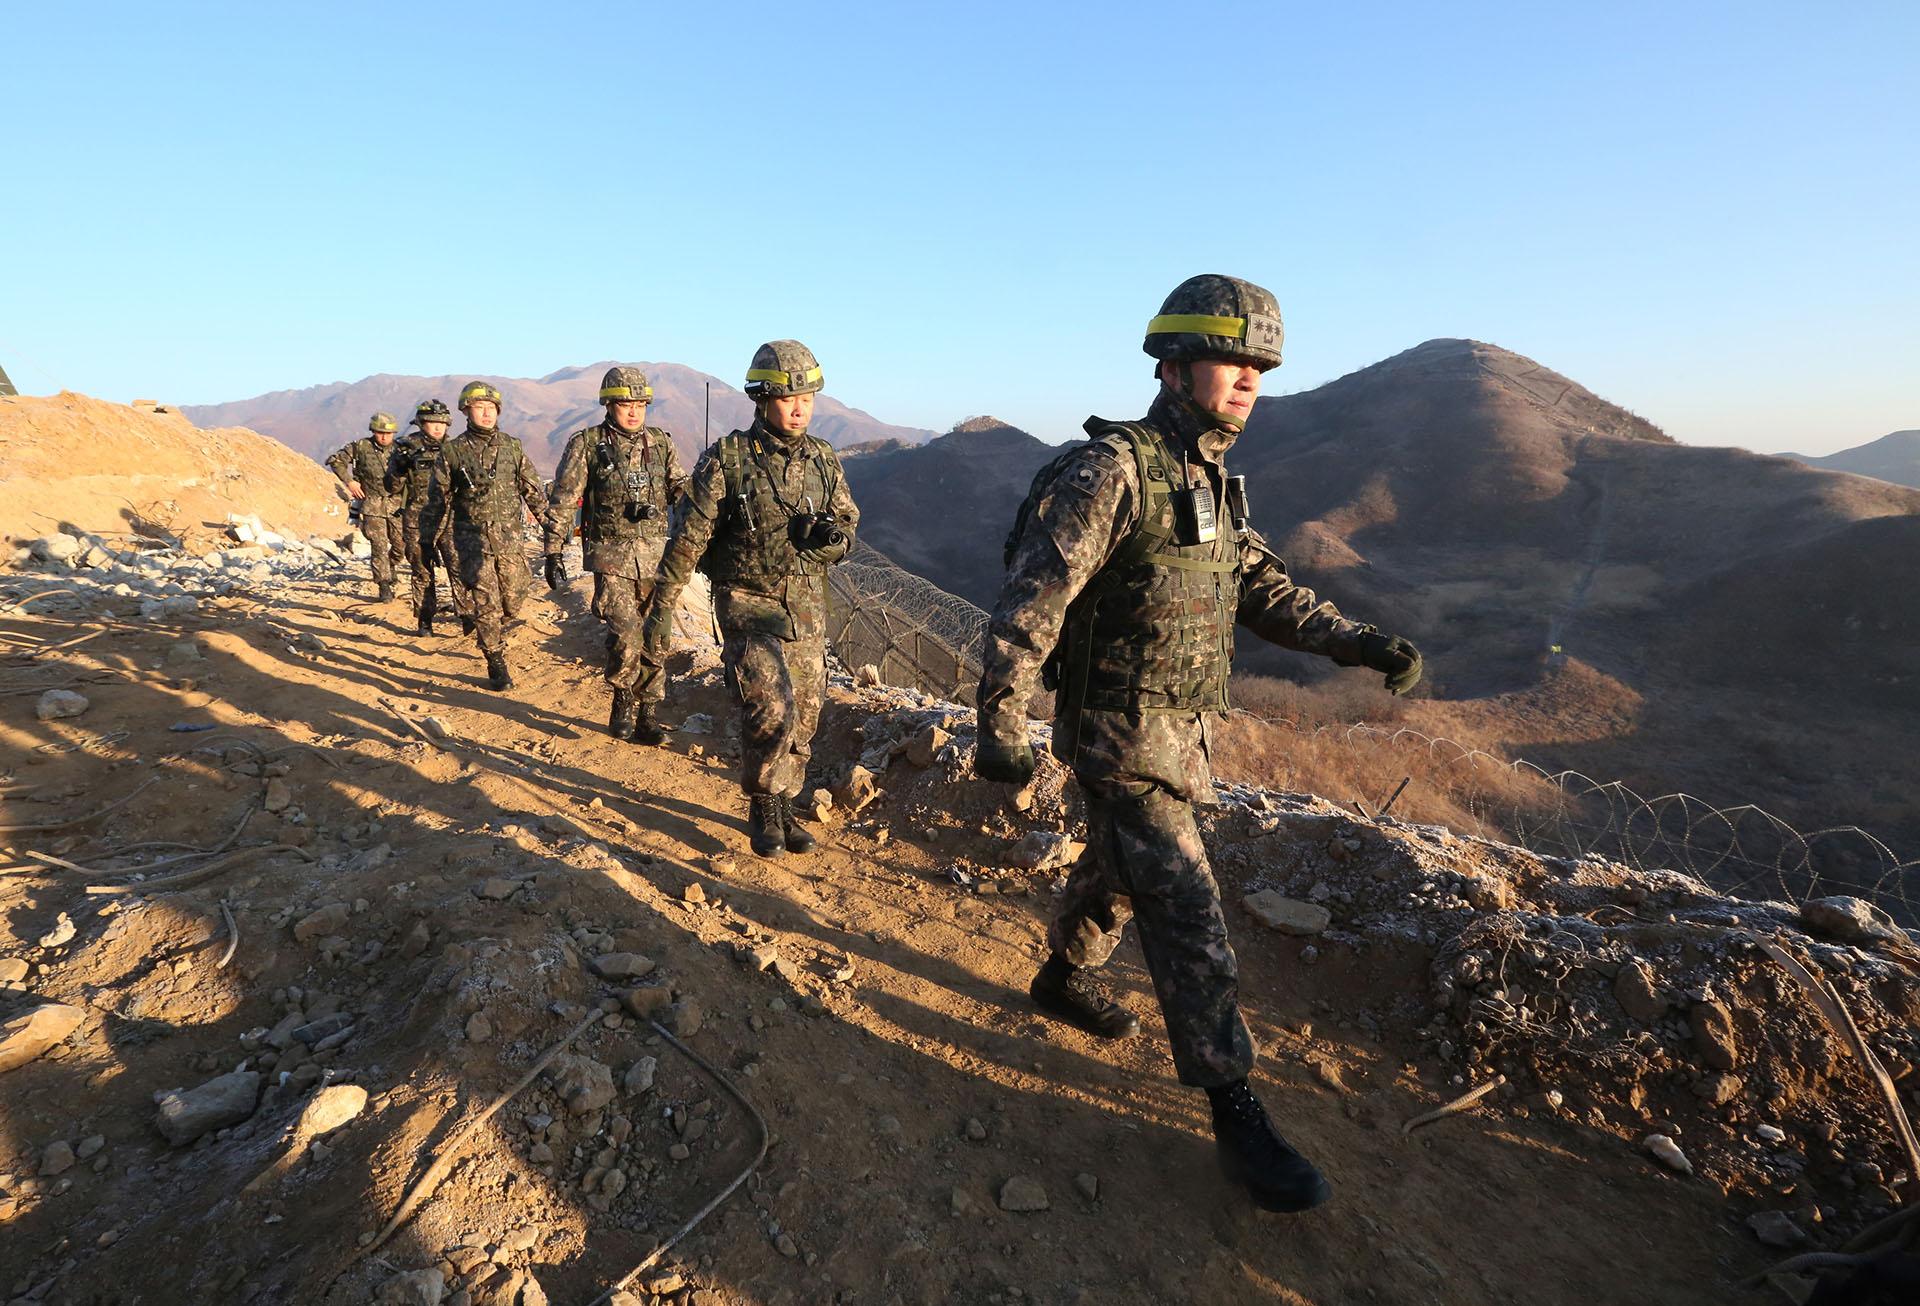 Soldados del ejército surcoreano parten hacia el Norte para inspeccionar el desmantelado puesto fronterizo de Corea del Norte en la sección central de la frontera intercoreana en Cheorwon, Corea del Sur, el 12 de diciembre de 2018. (AFP)